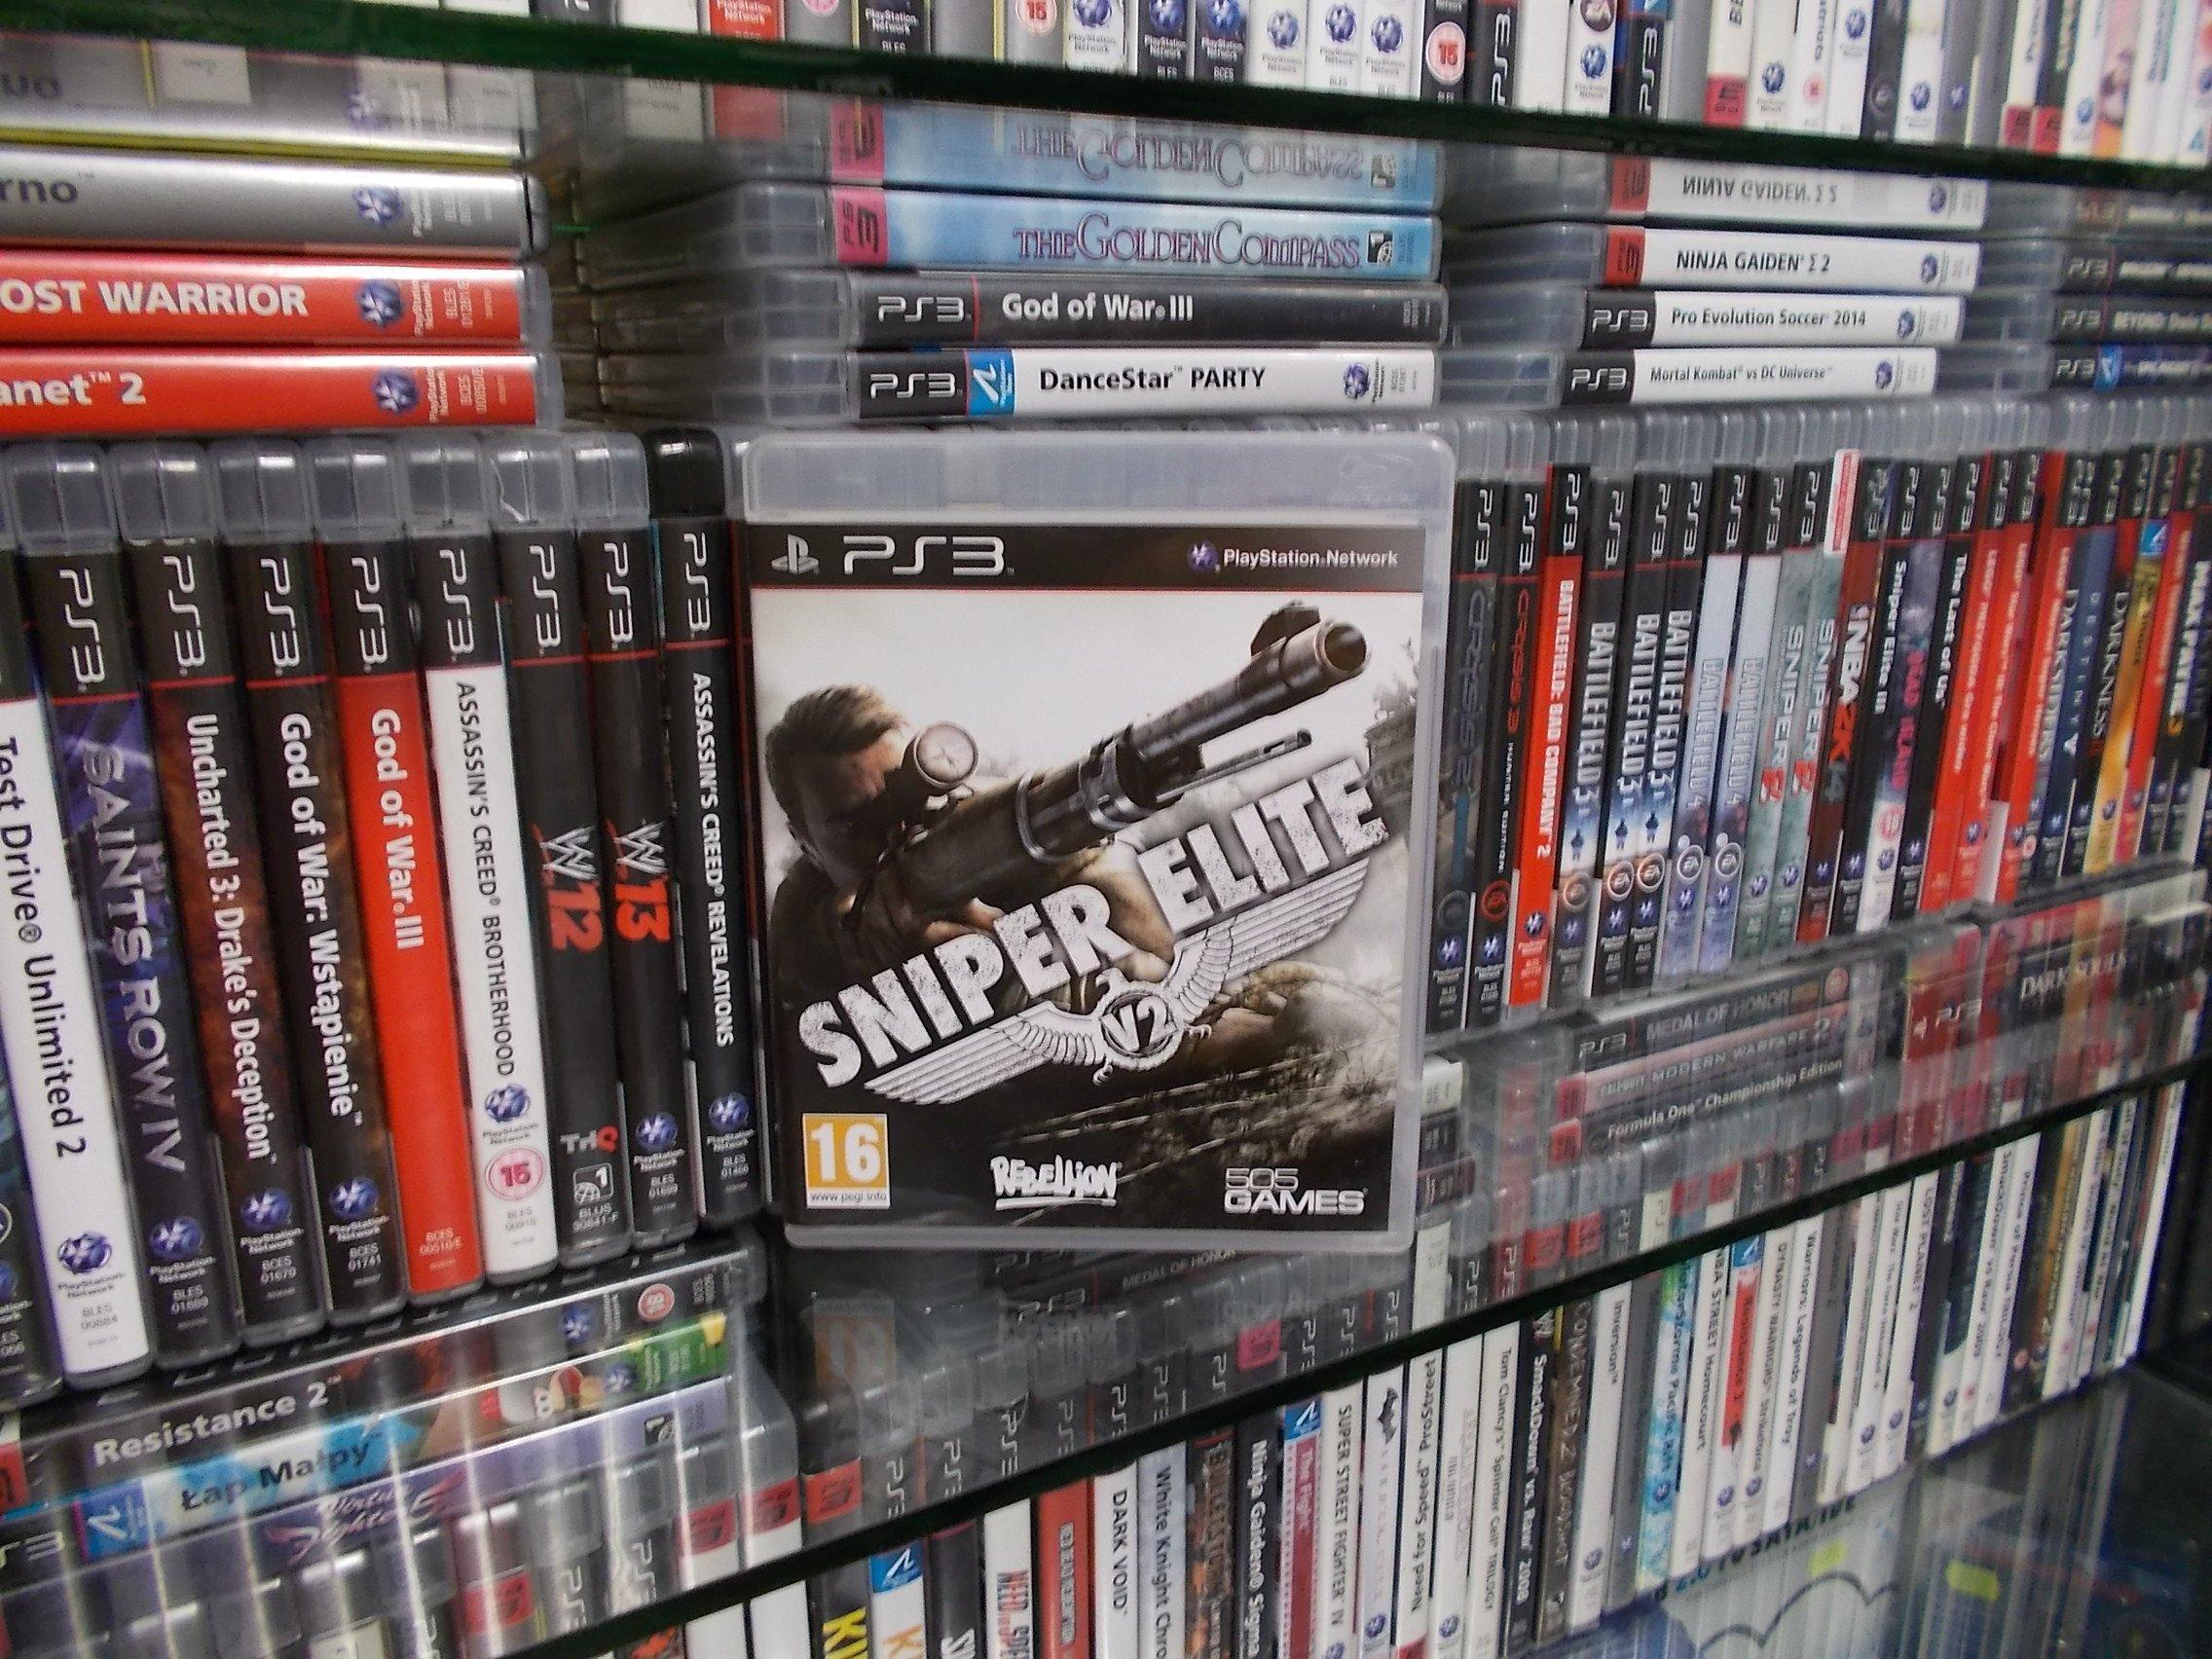 Sniper Elite V2 - GRA PS3 - Sklep